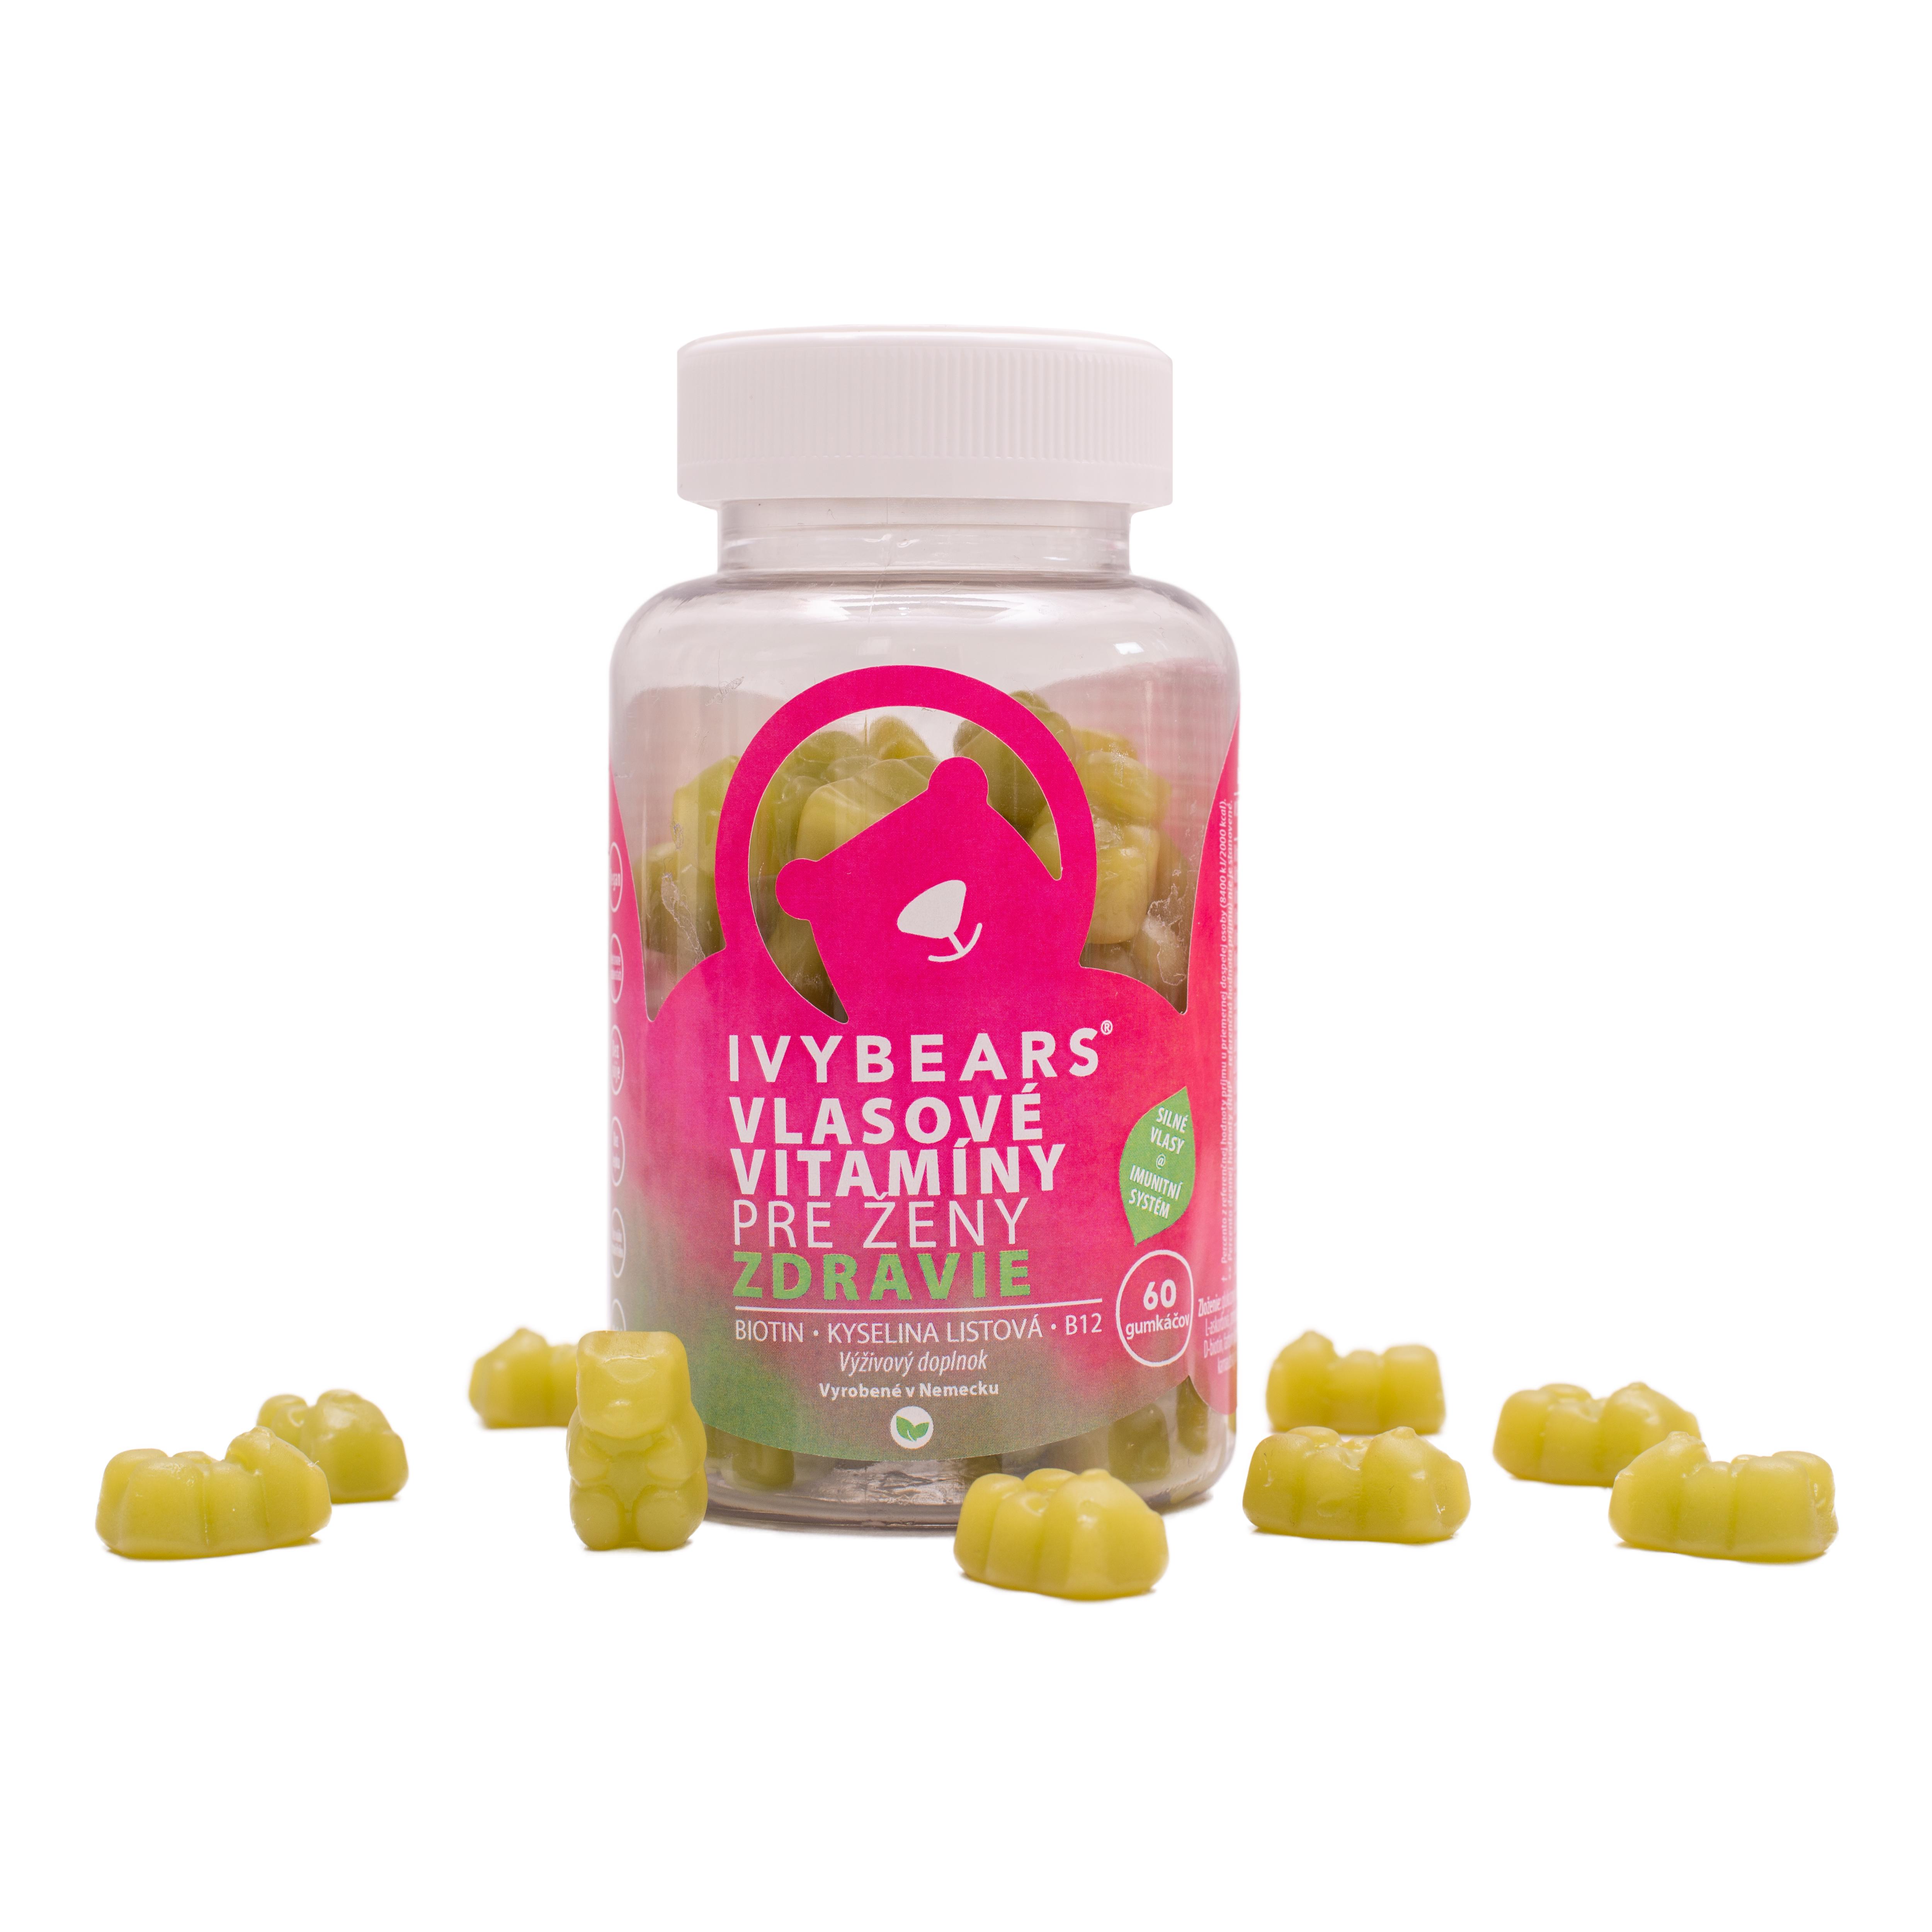 (EXP: 06/2021) IVY Bears - vlasové vitamíny pre ženy s podporou imunity, 60 ks